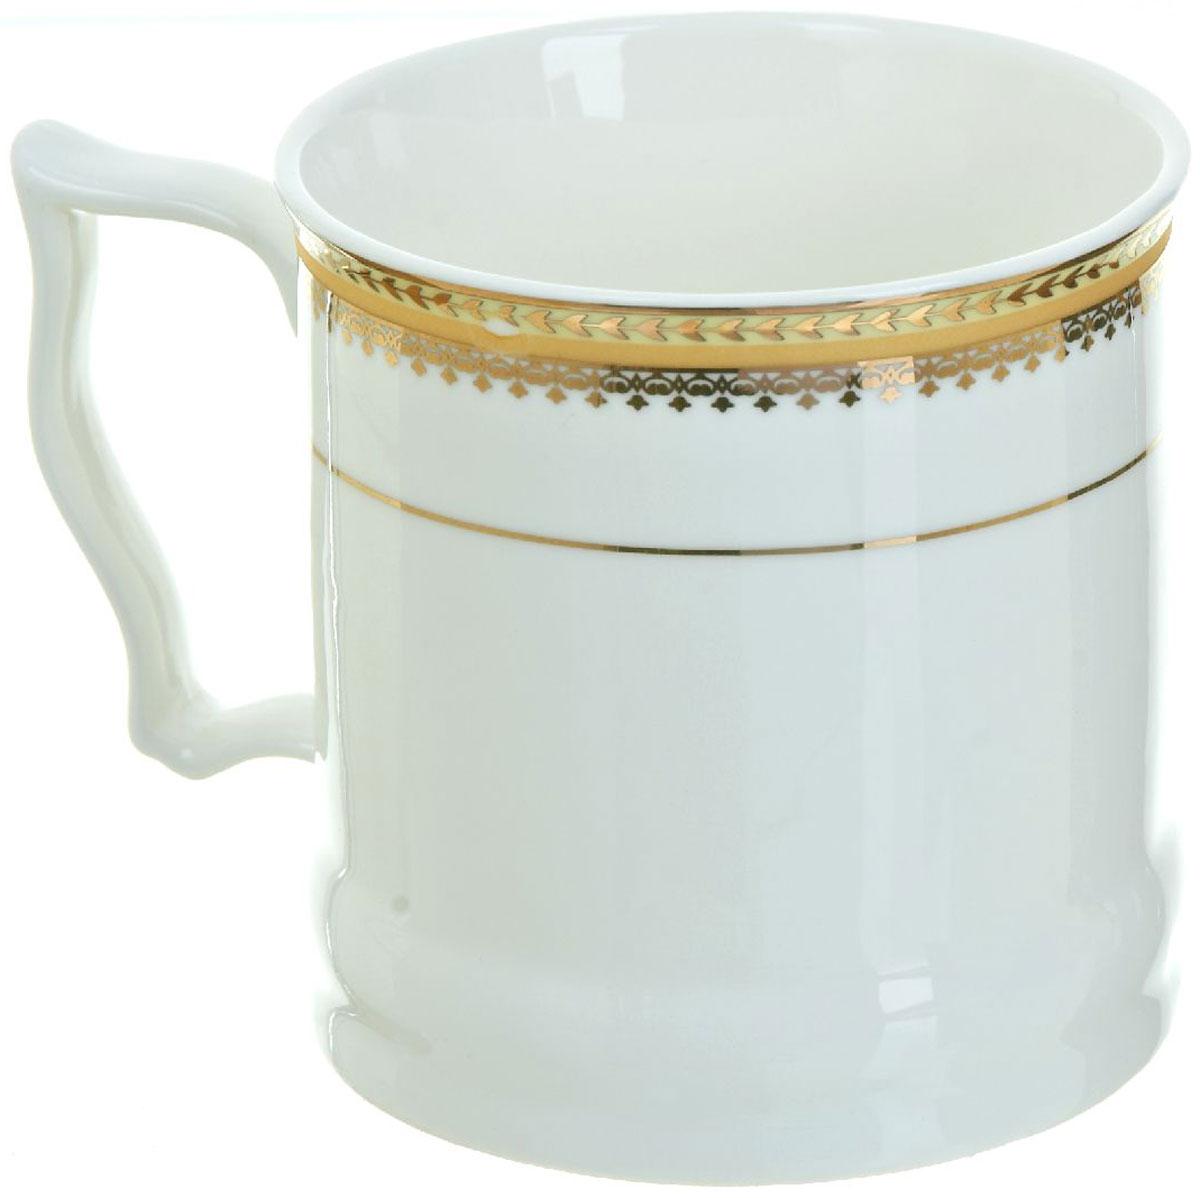 Кружка BHP Королевская кружка, 500 мл. 187000954 009312Оригинальная кружка Best Home Porcelain, выполненная из высококачественного фарфора, сочетает в себе простой, утонченный дизайн с максимальной функциональностью. Можно использовать в посудомоечной машине.